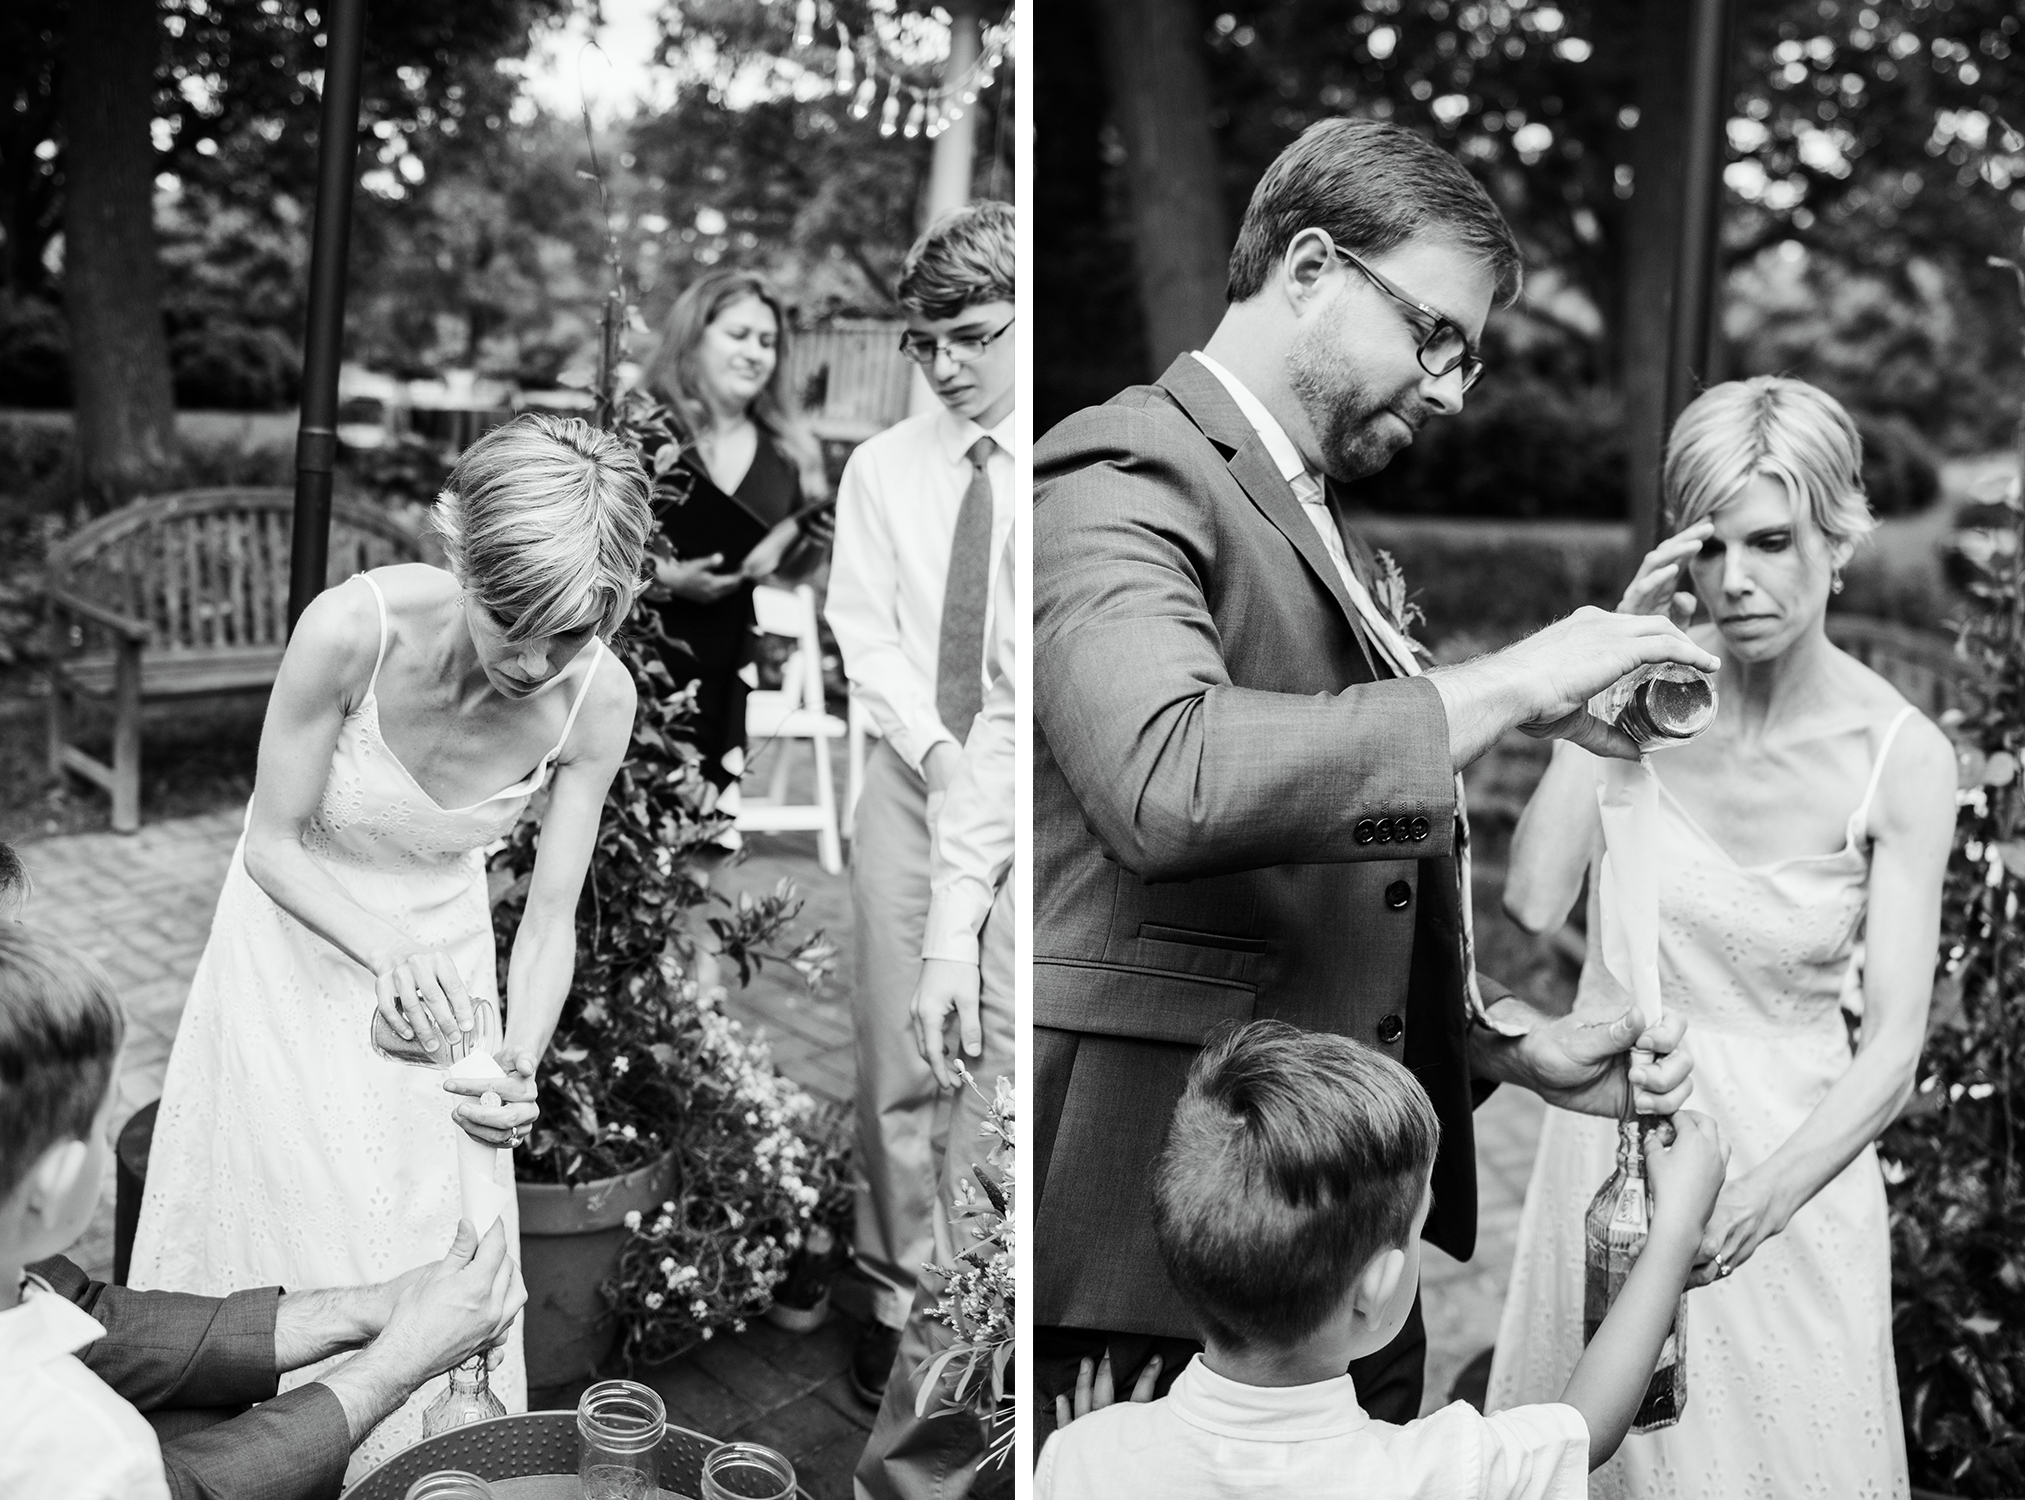 emilybrandonmarylandweddingblog-24.jpg